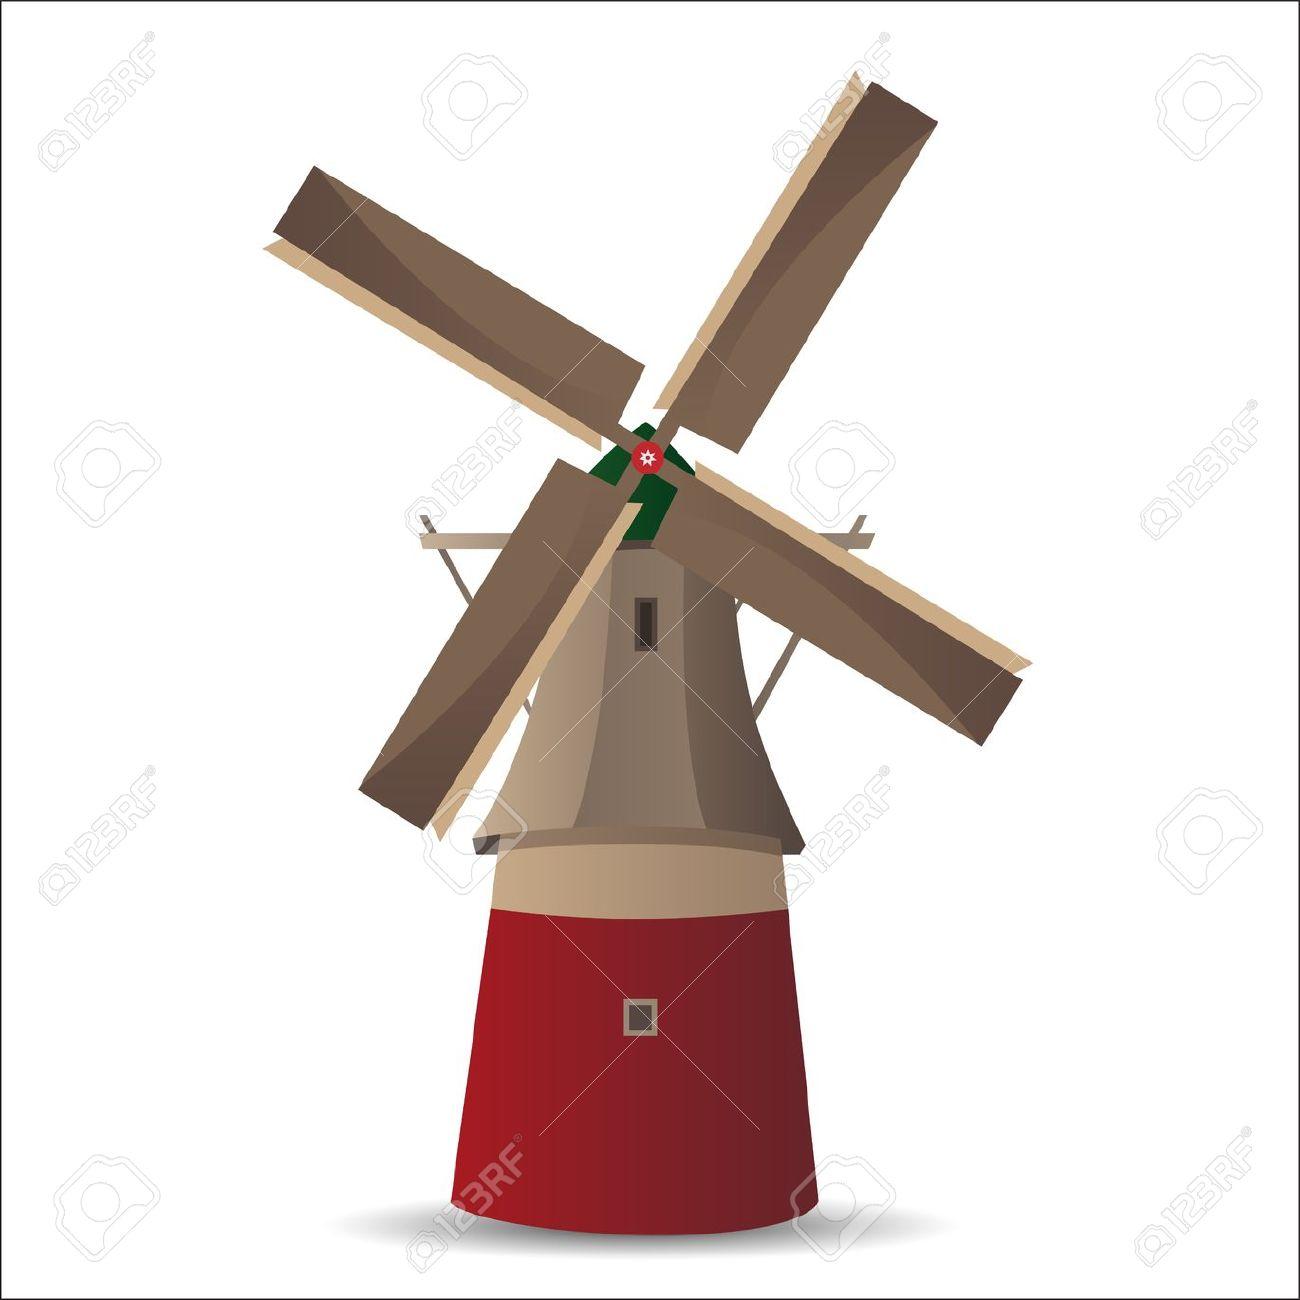 Dutch Windmill Illustration.